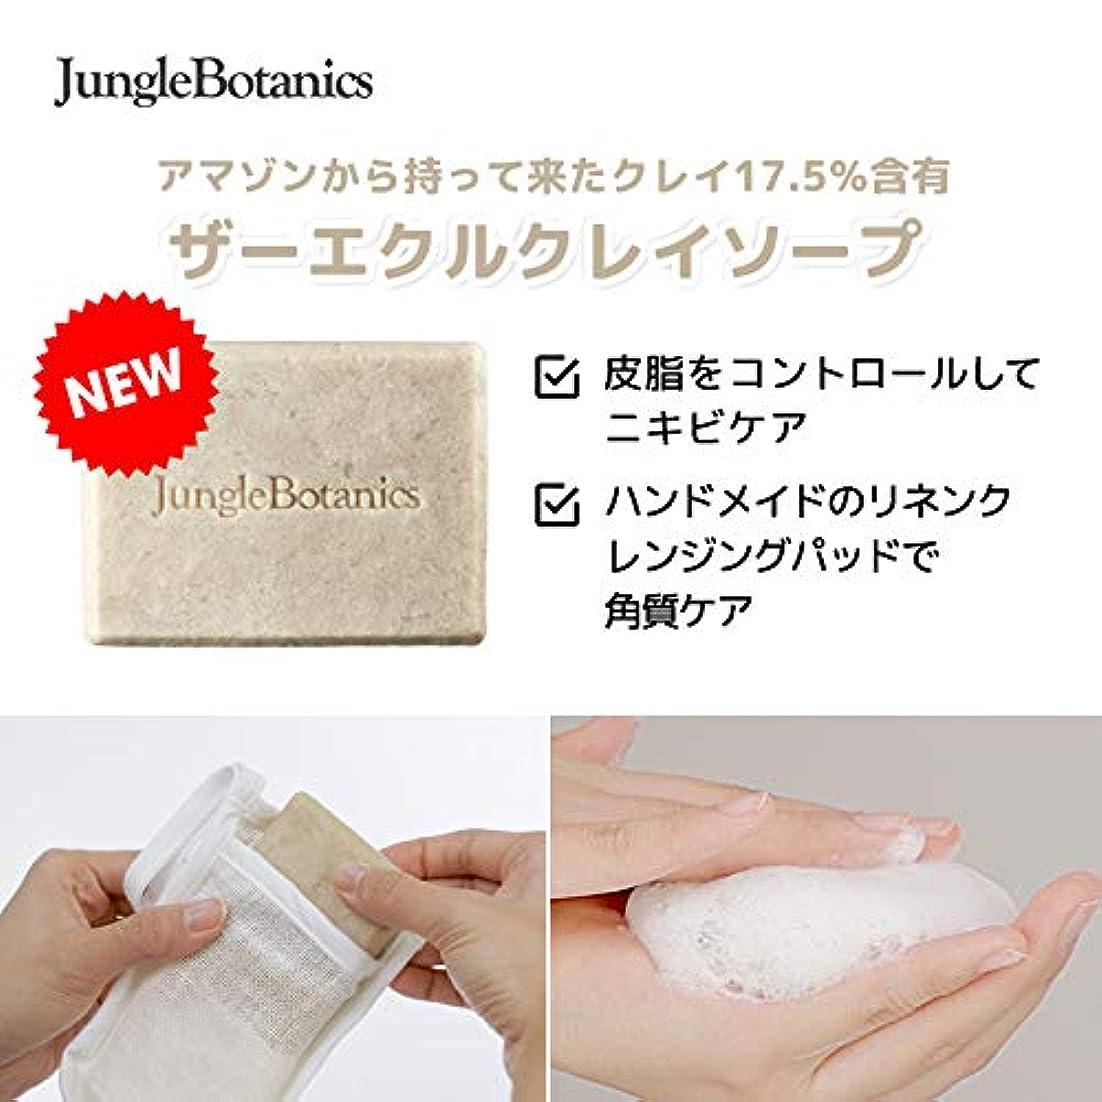 敵対的うめき予想外[JUNGLE BOTANICS] ザーエクルクレイソープ110g, [JUNGLE BOTANICS] The Ecru Clay Soap 110g [並行輸入品] …